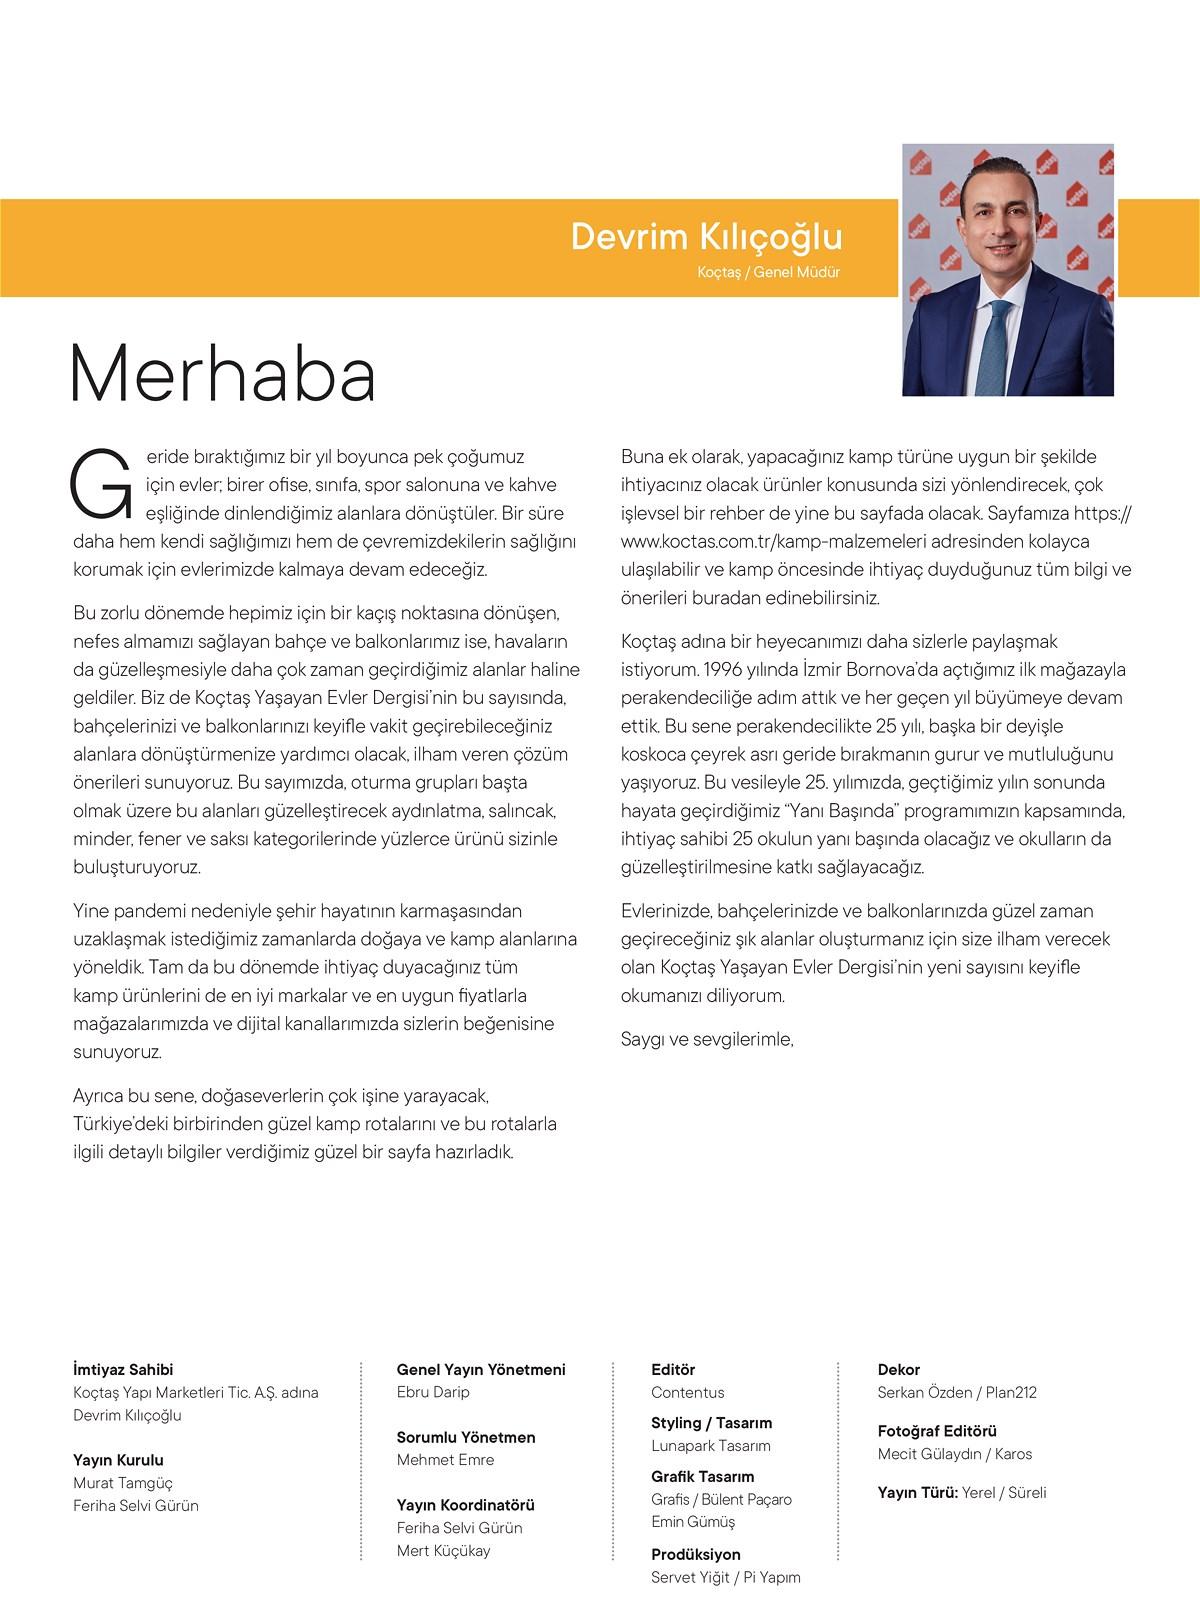 29.05.2021 Koçtaş broşürü 4. sayfa